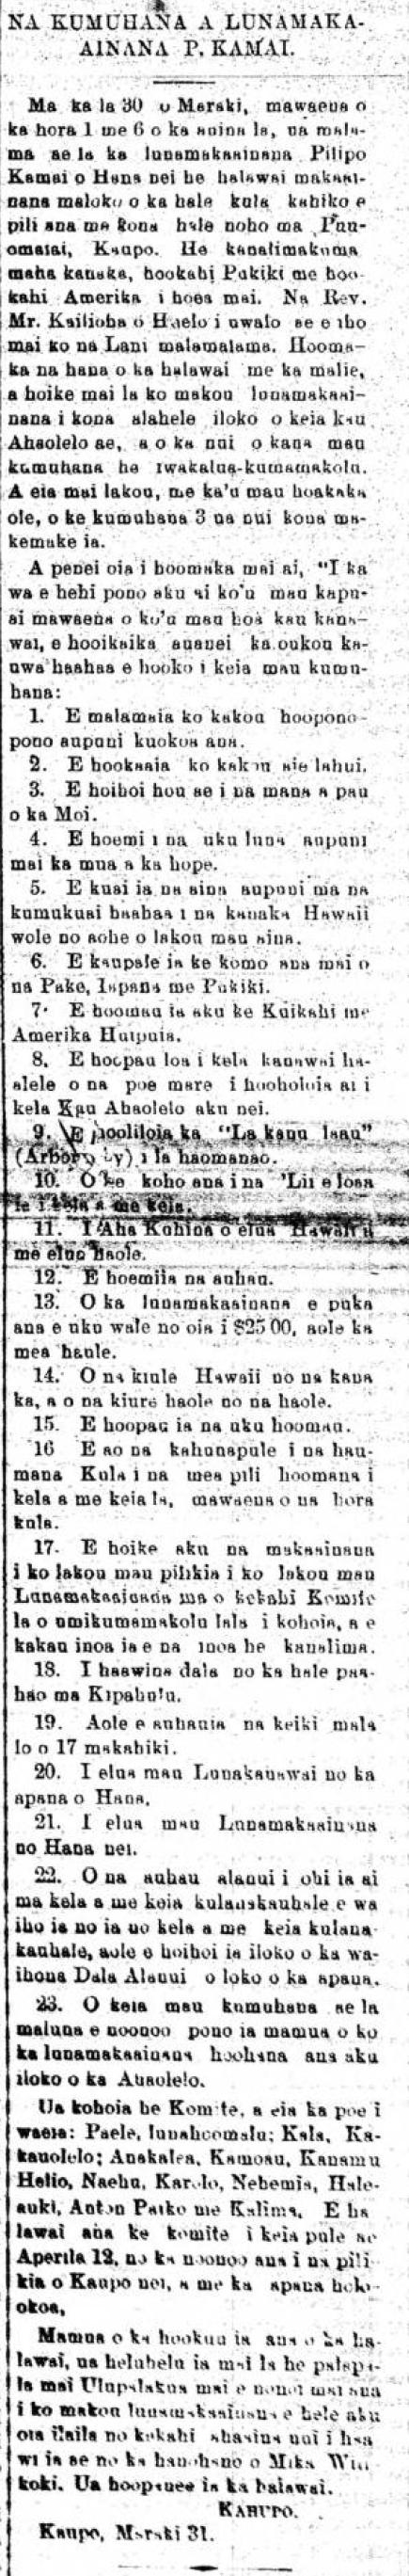 NA KUMUHANA A LUNAMAKAAINANA P. KAMAI.